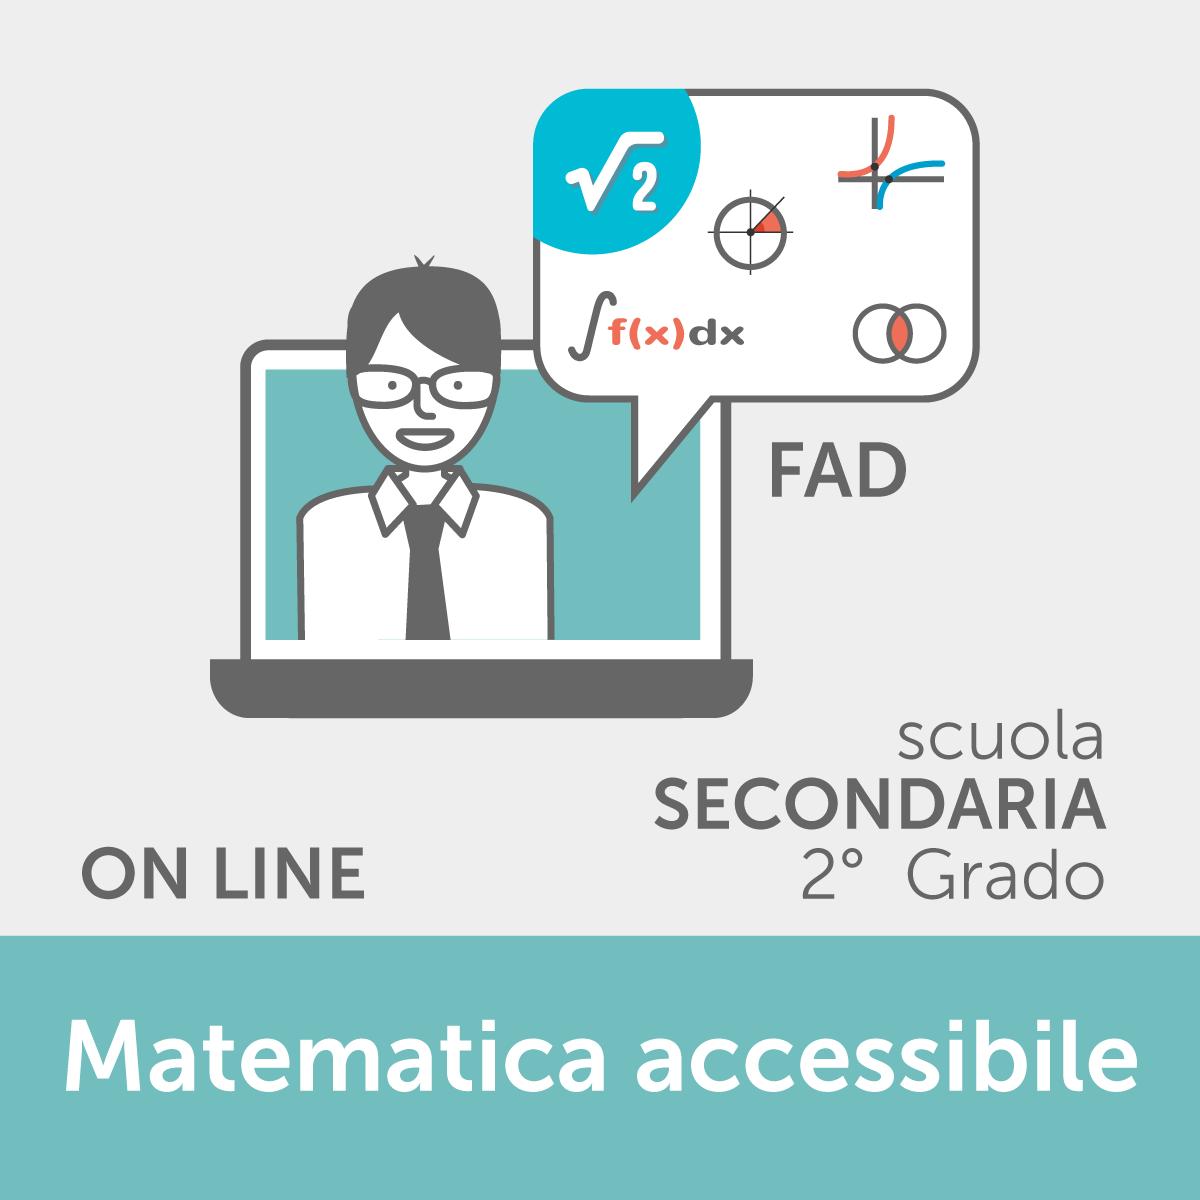 FAD - Una matematica accessibile a tutti gli studenti: indicazioni per una didattica inclusiva e per il recupero